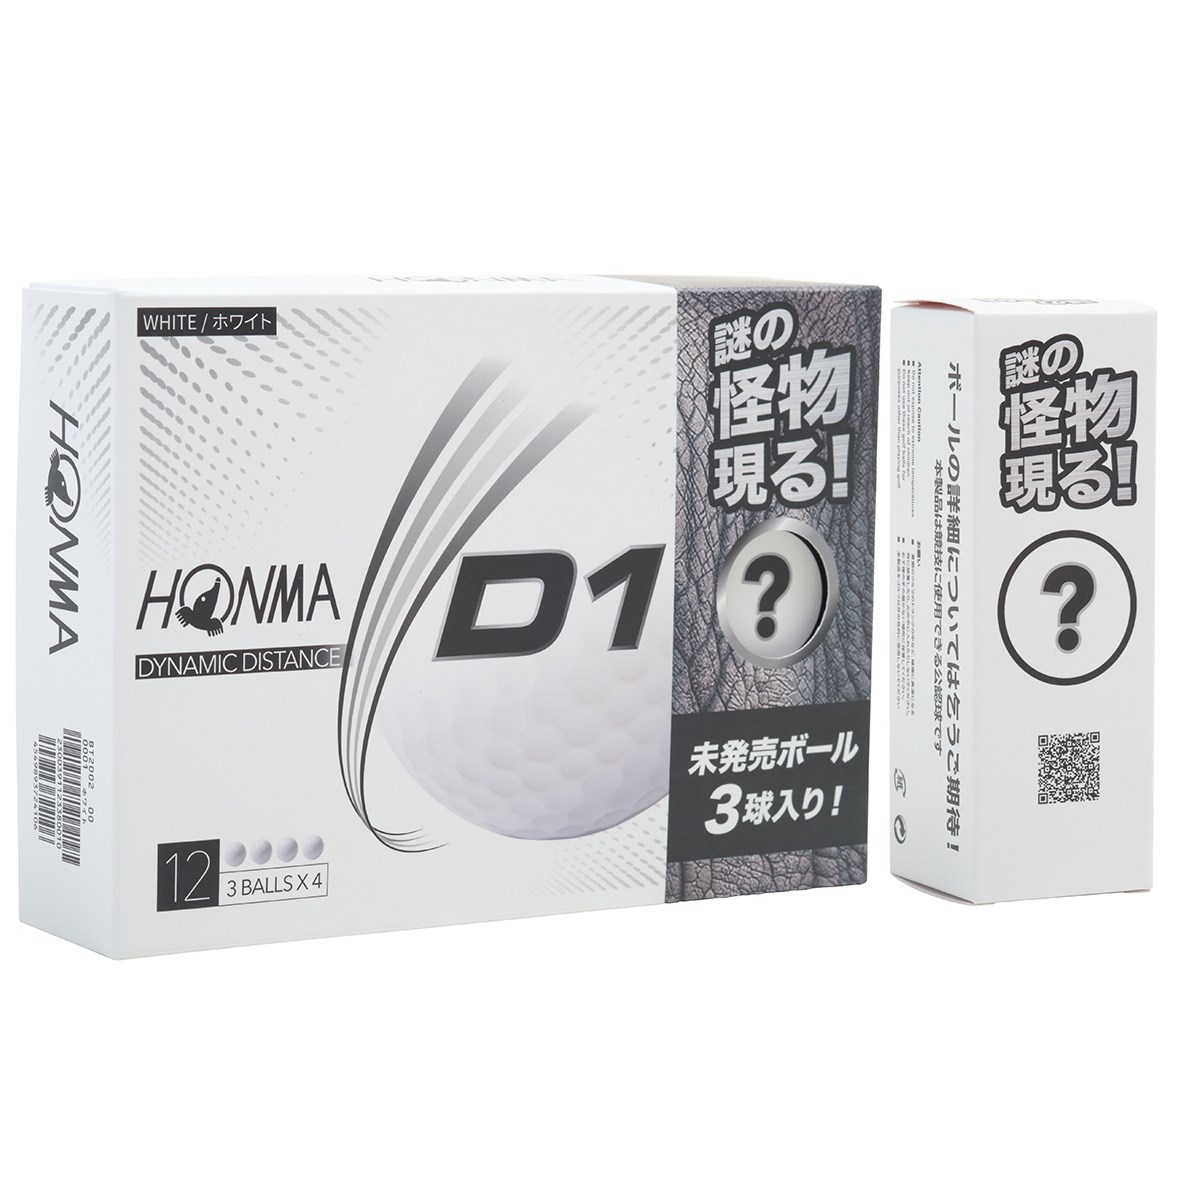 本間ゴルフ(HONMA GOLF) お試し限定パック D1 ボール